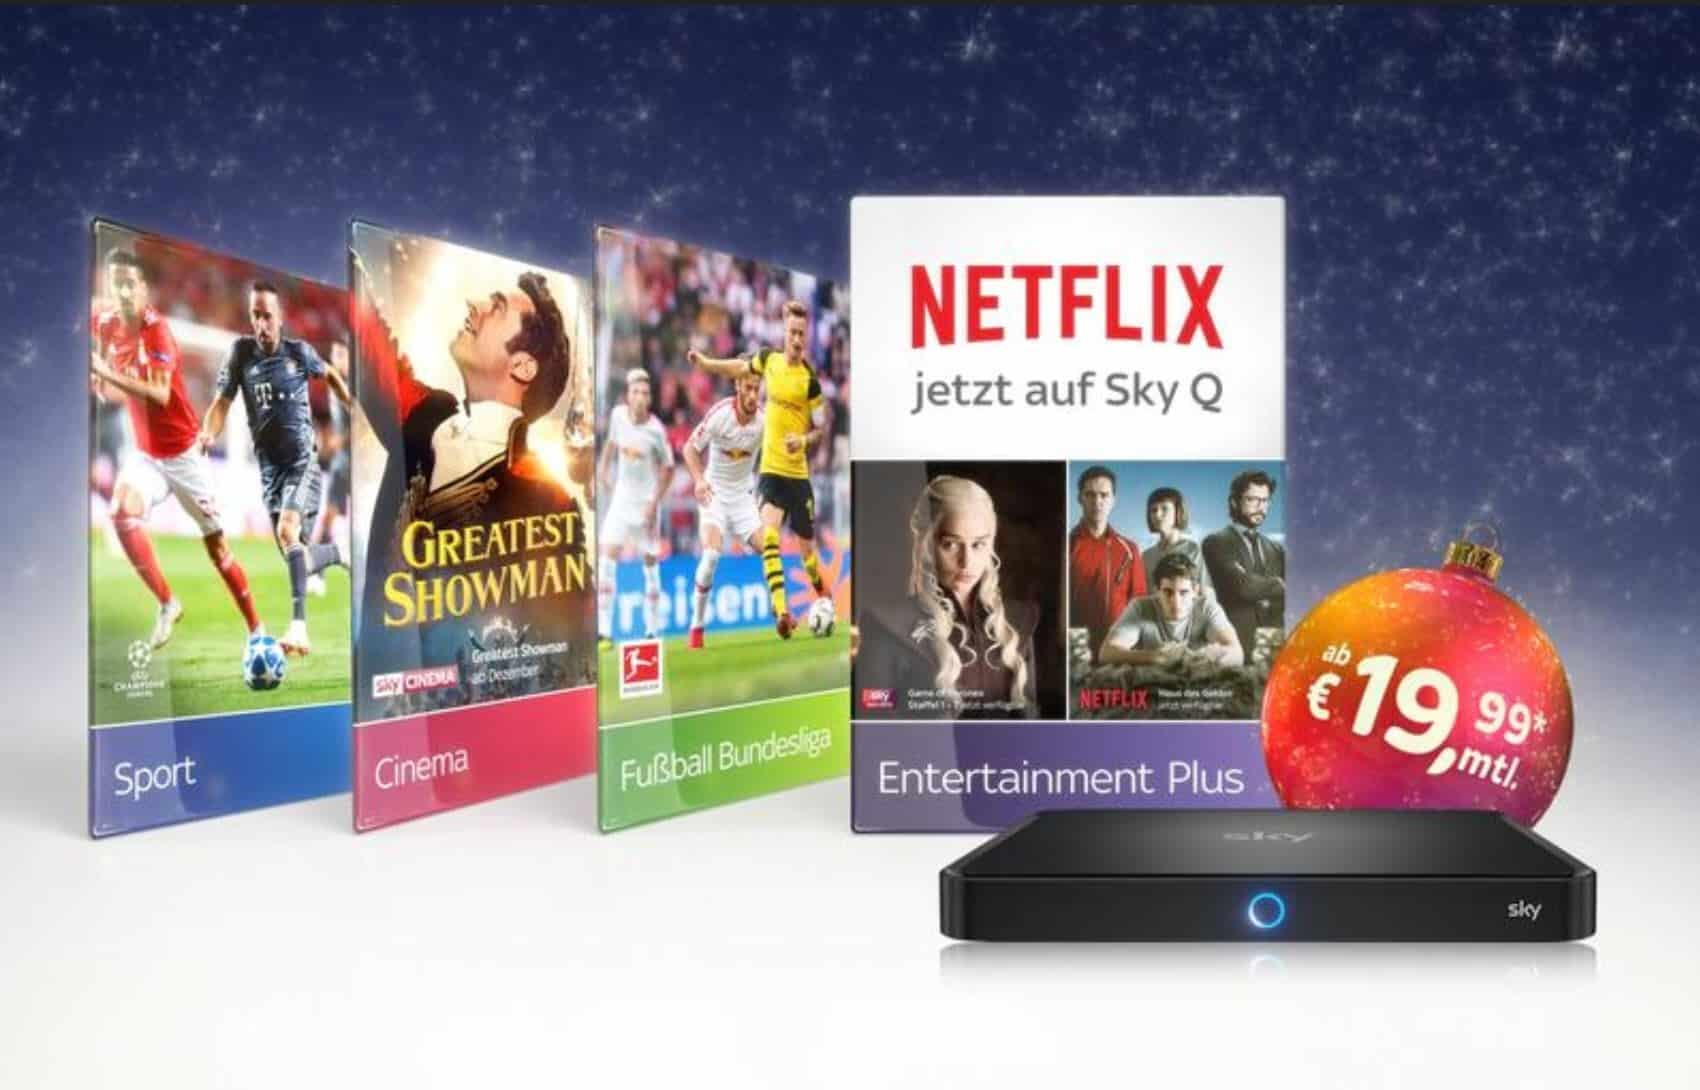 Netflix Mit Sky